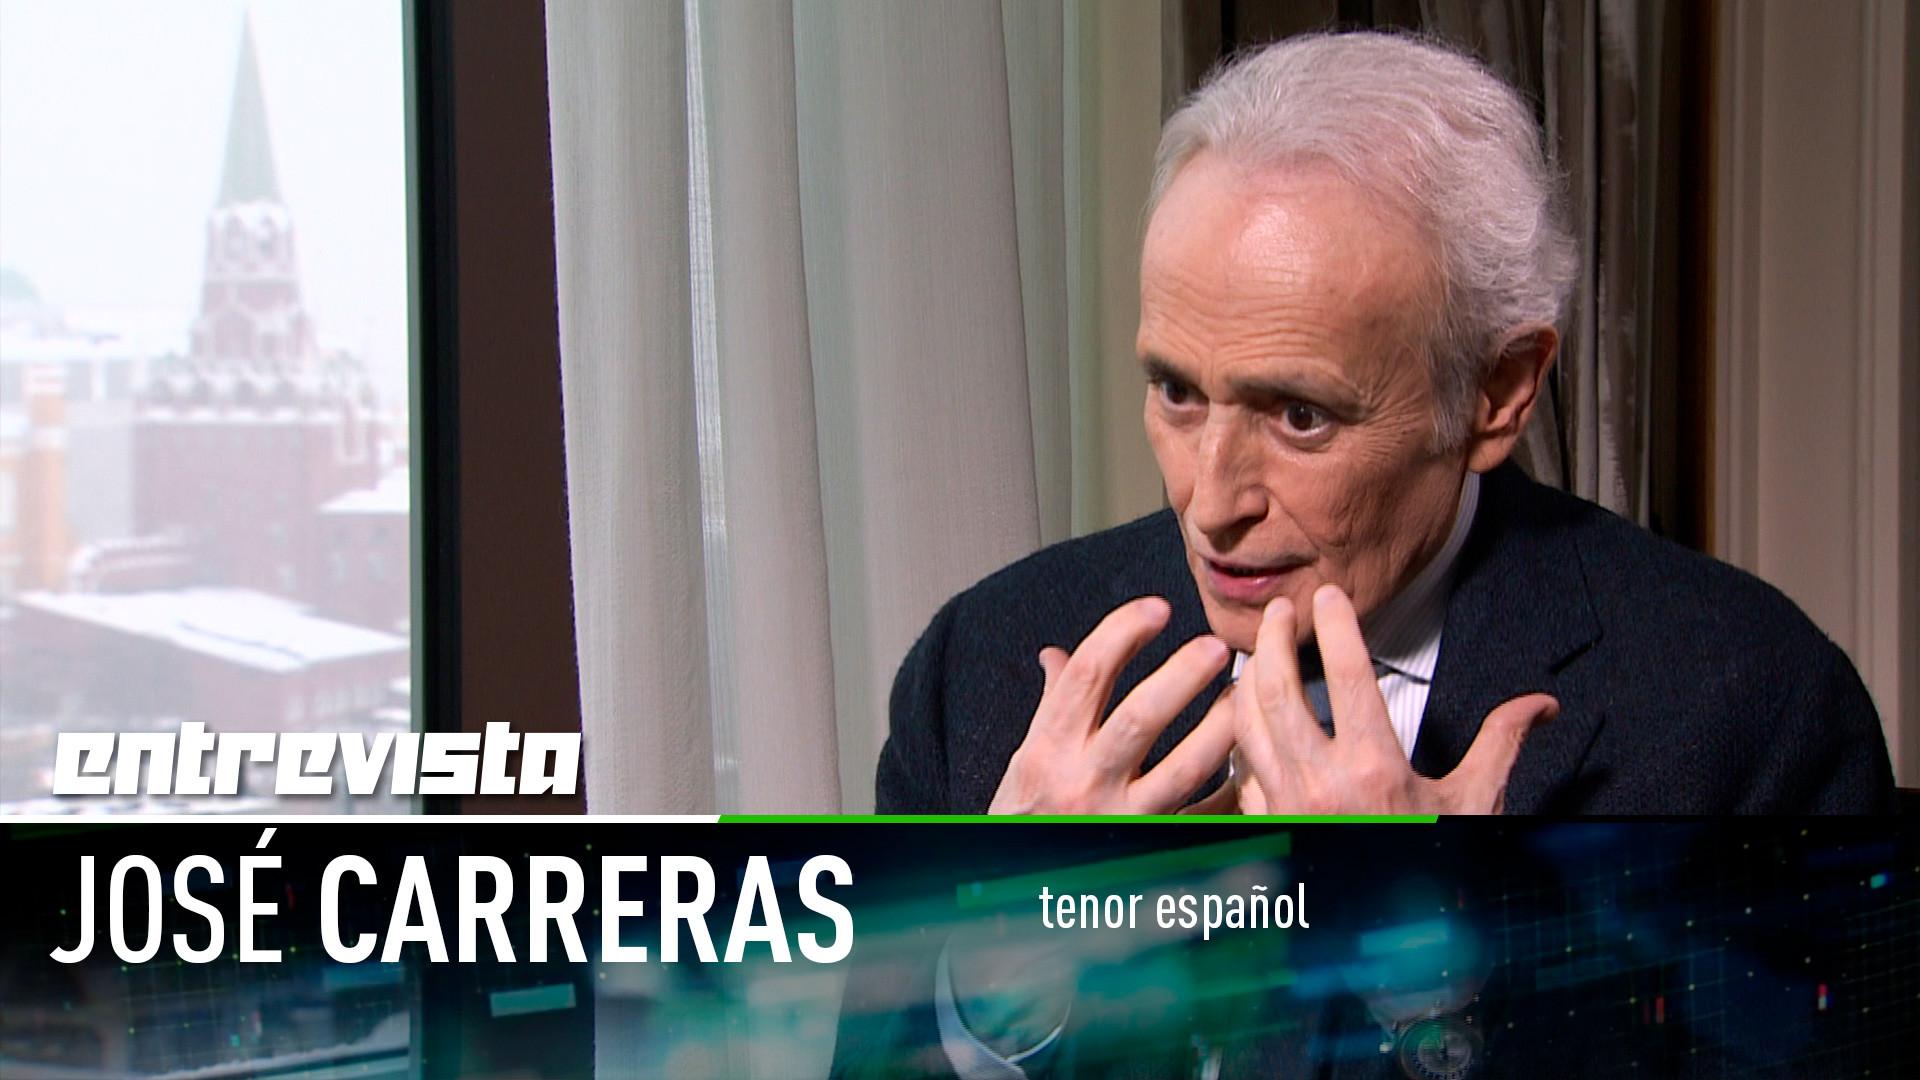 El tenor José Carreras muestra su faceta más personal en una ...